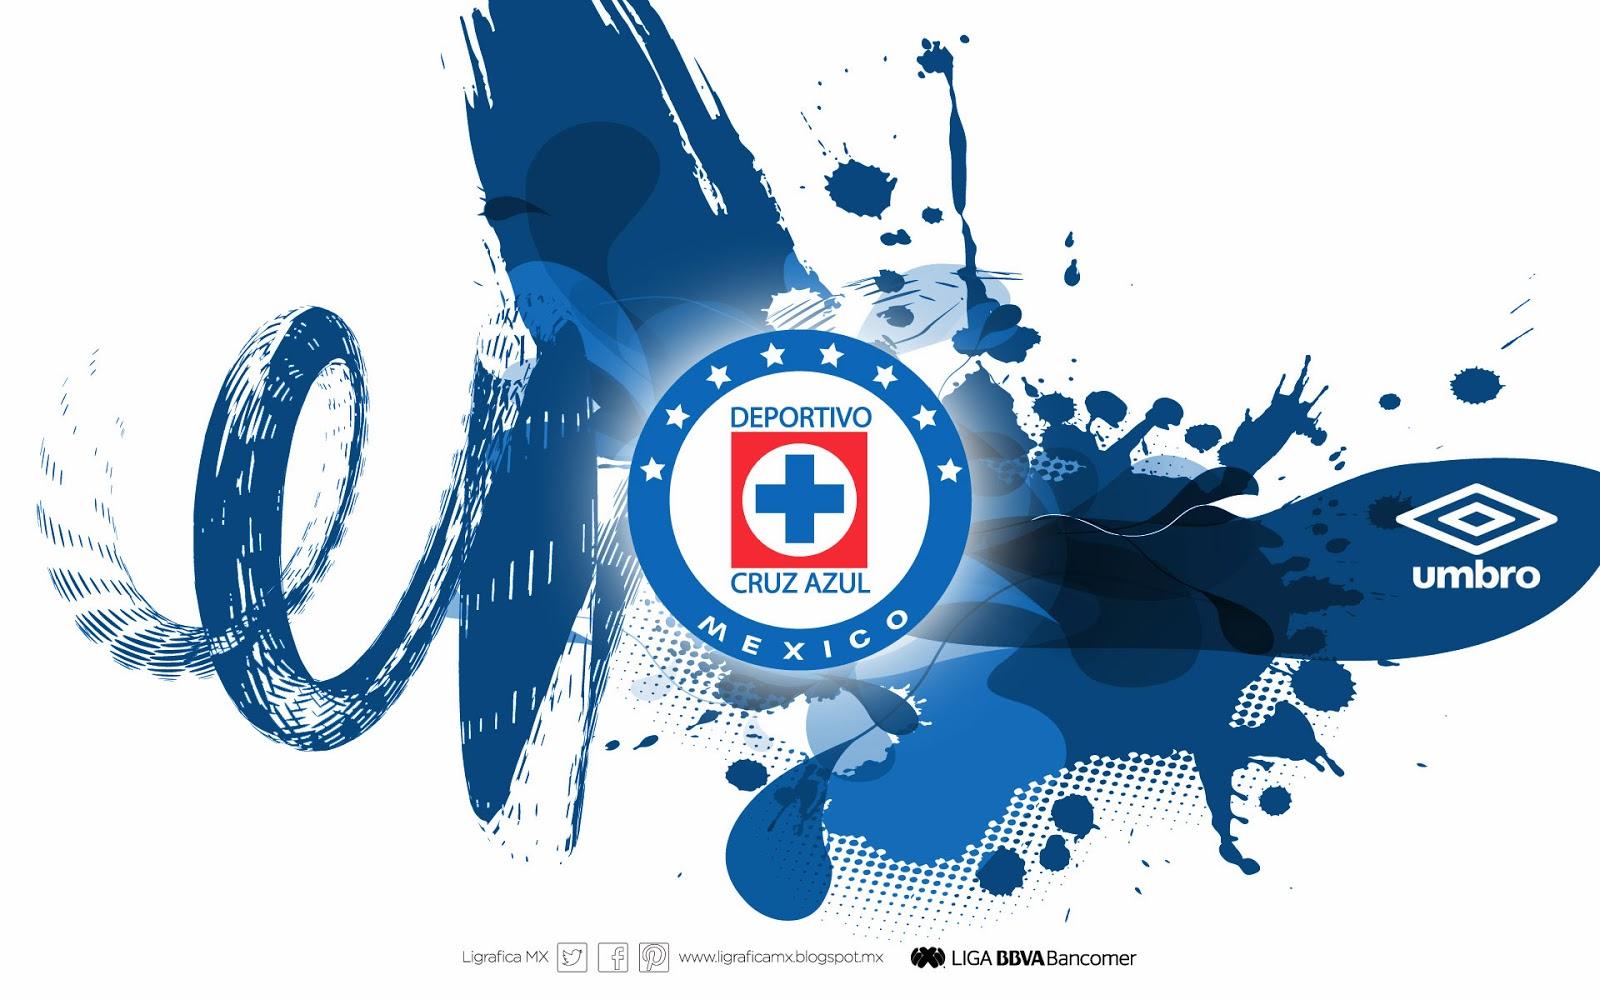 ¿Qué son los stakeholders? El caso Cruz Azul | ExpokNews